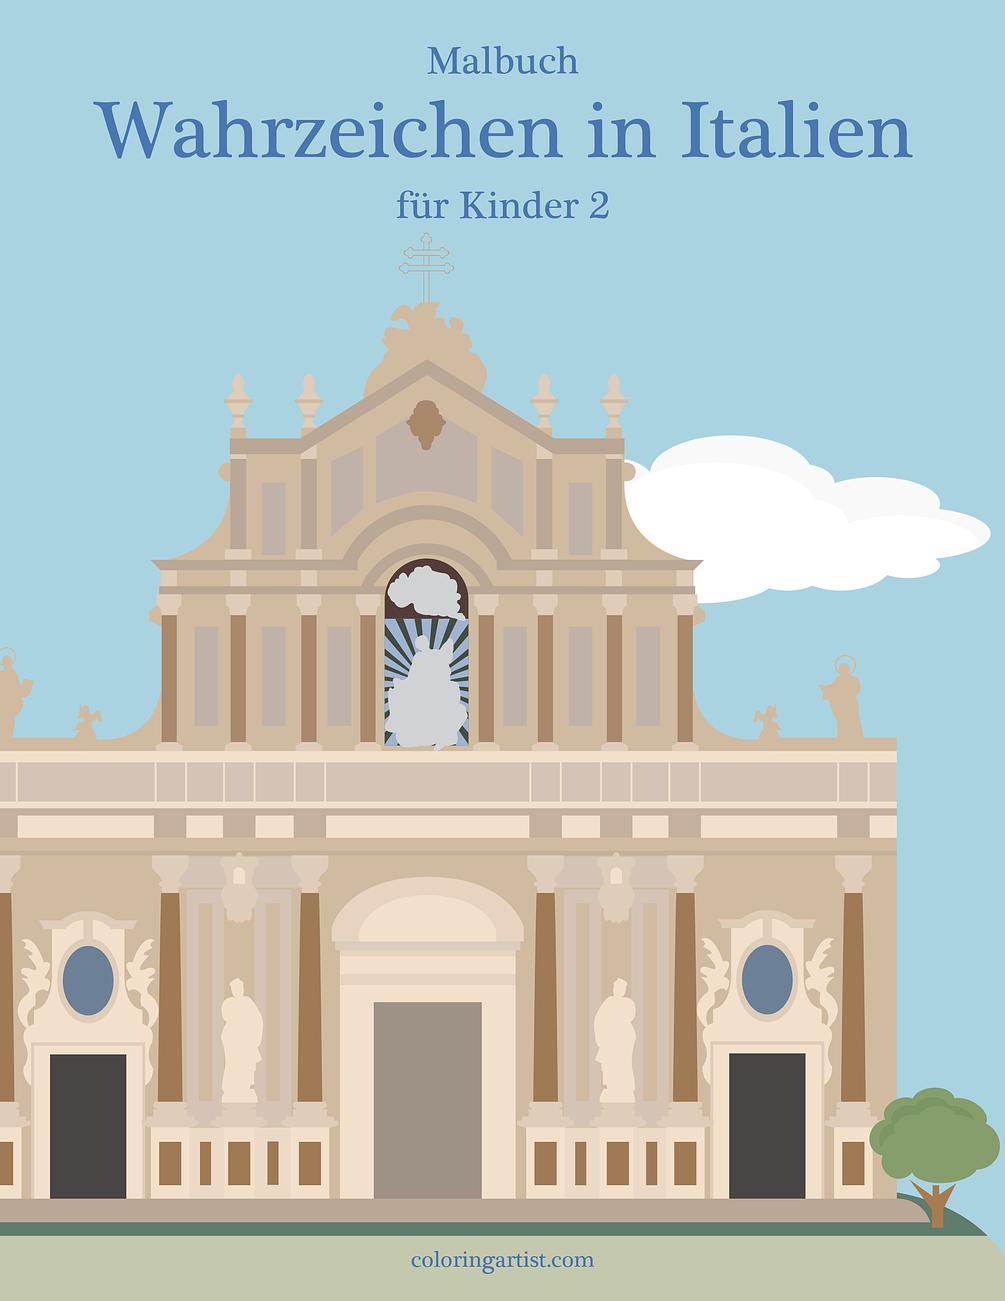 malbuch wahrzeichen in italien für kinder 2